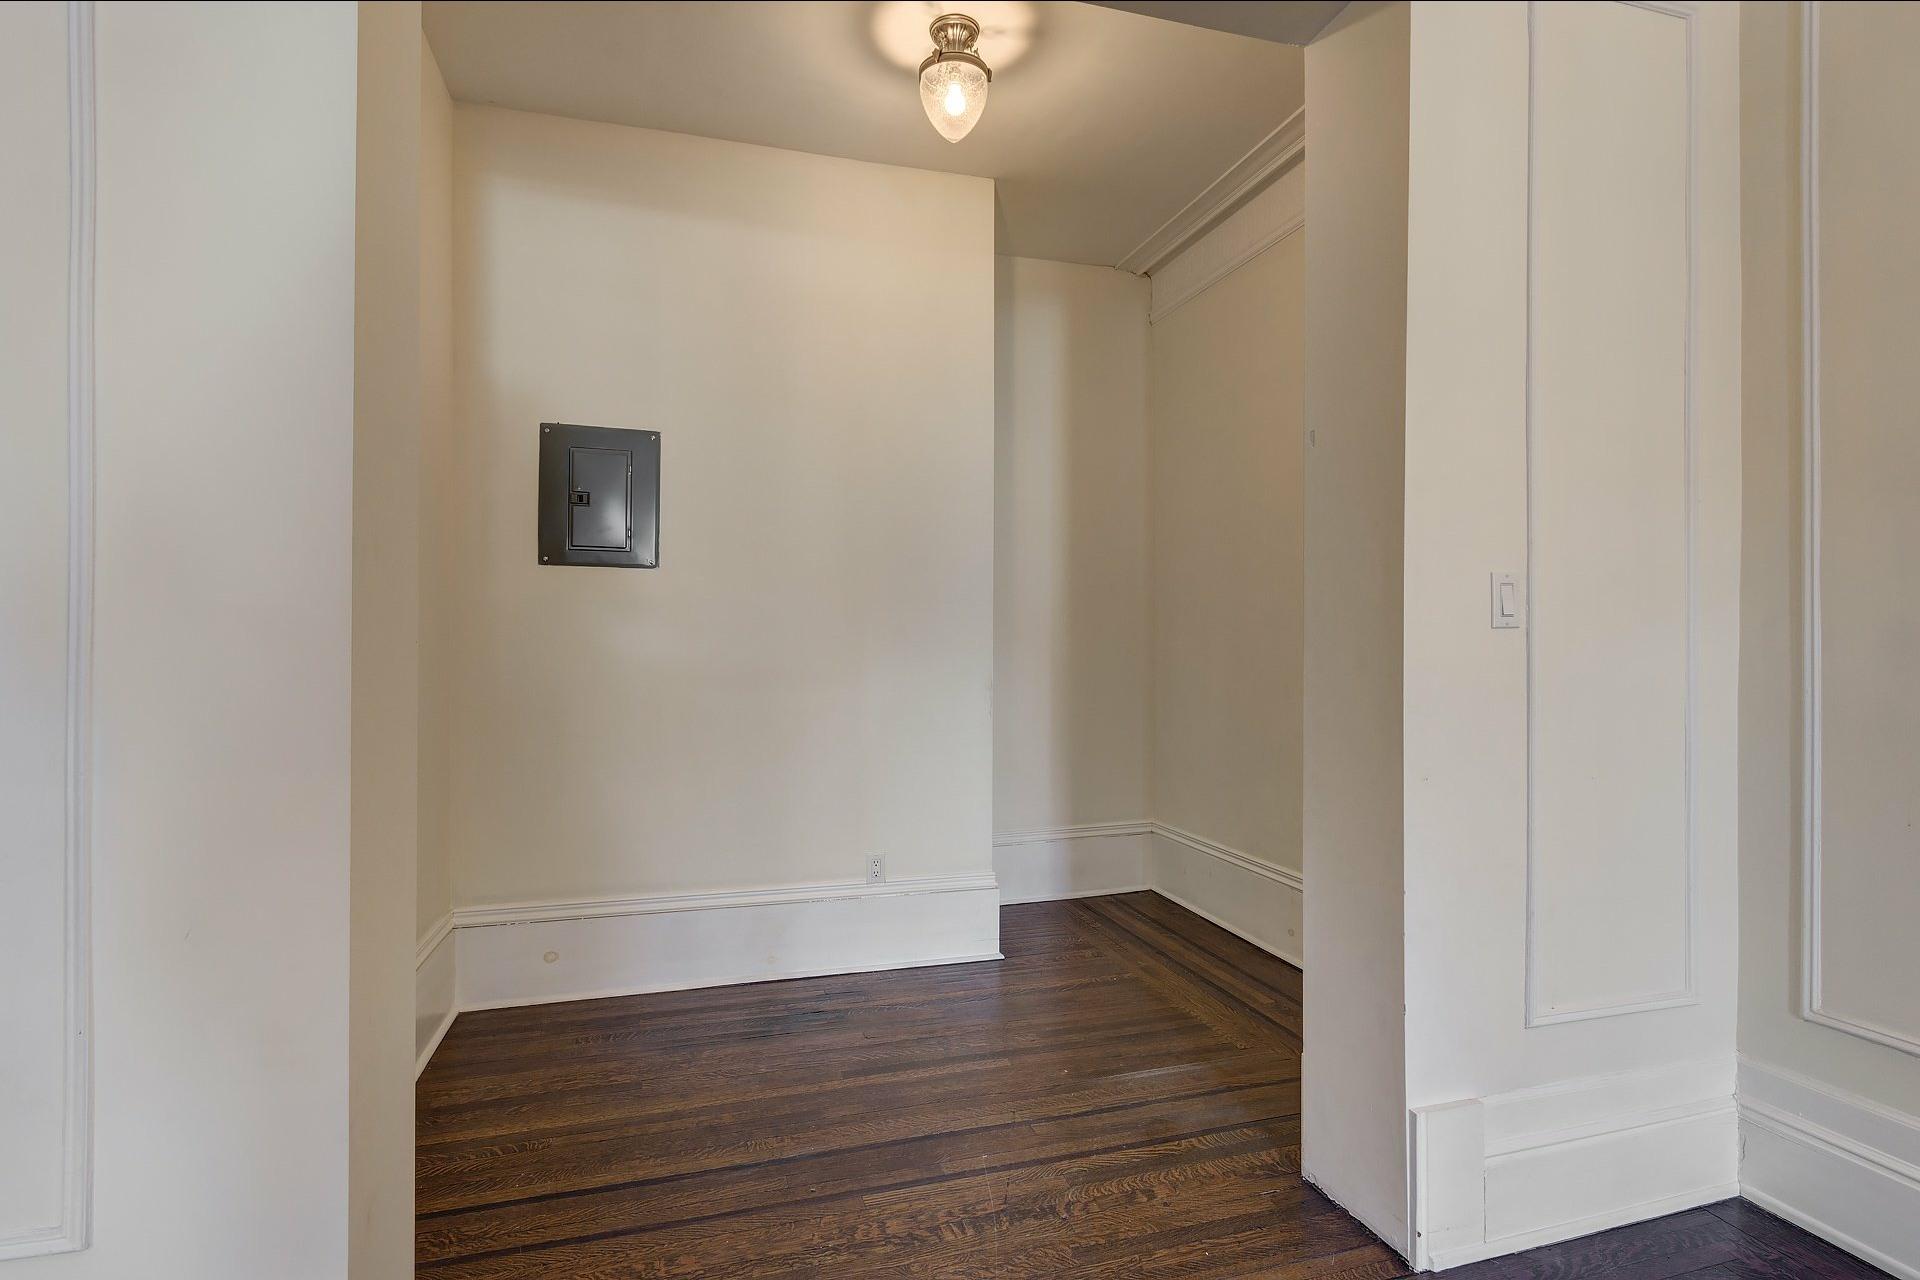 image 14 - Maison À louer Westmount - 9 pièces